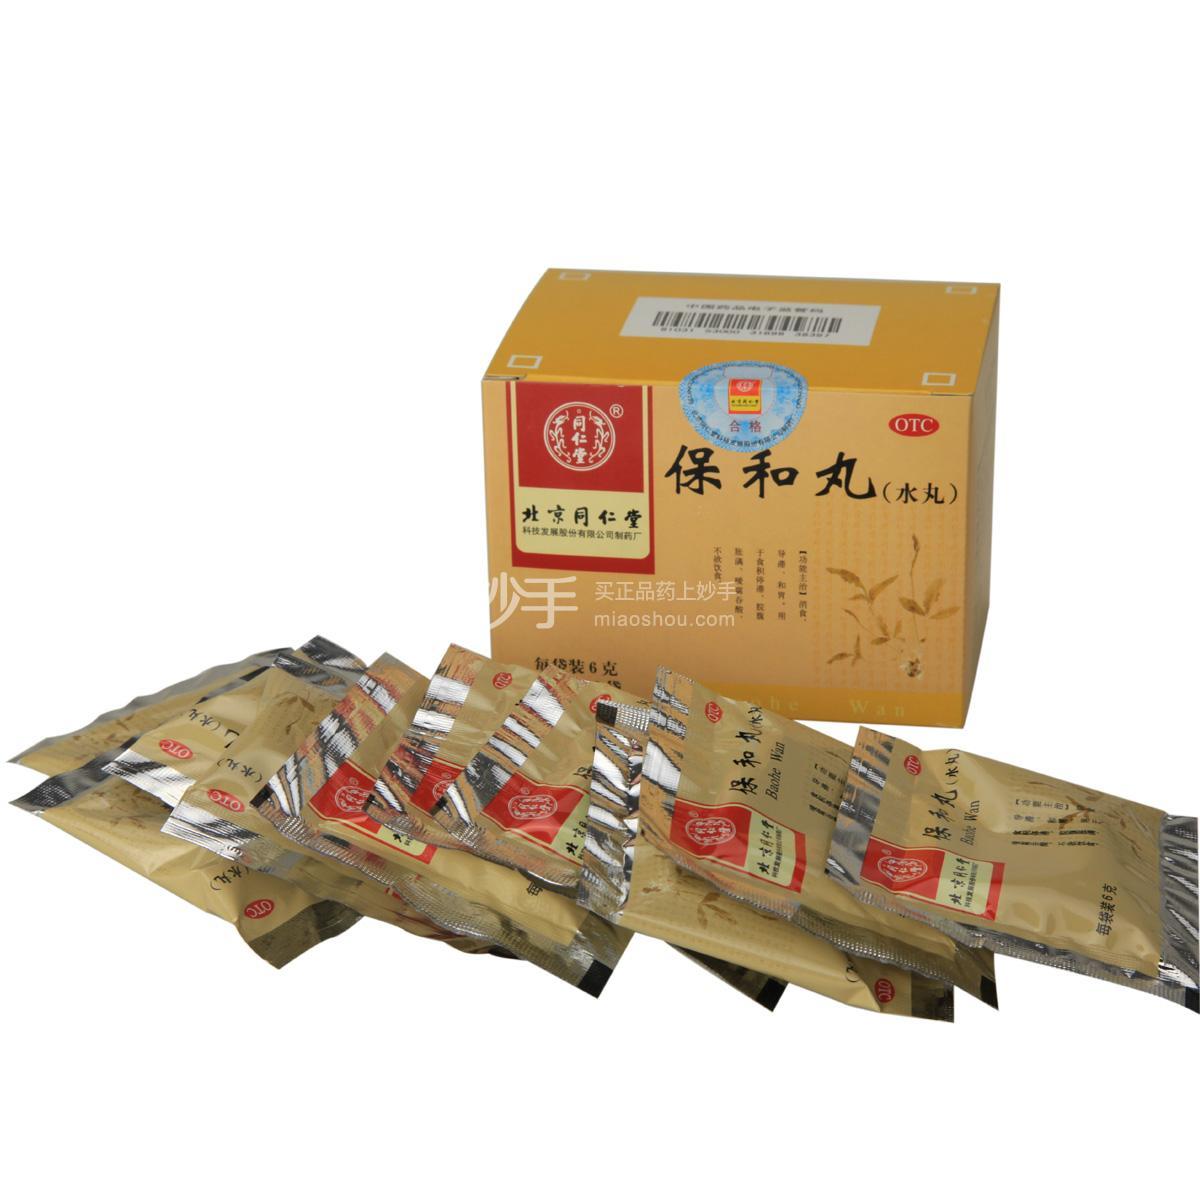 北京同仁堂 保和丸 6g*10袋